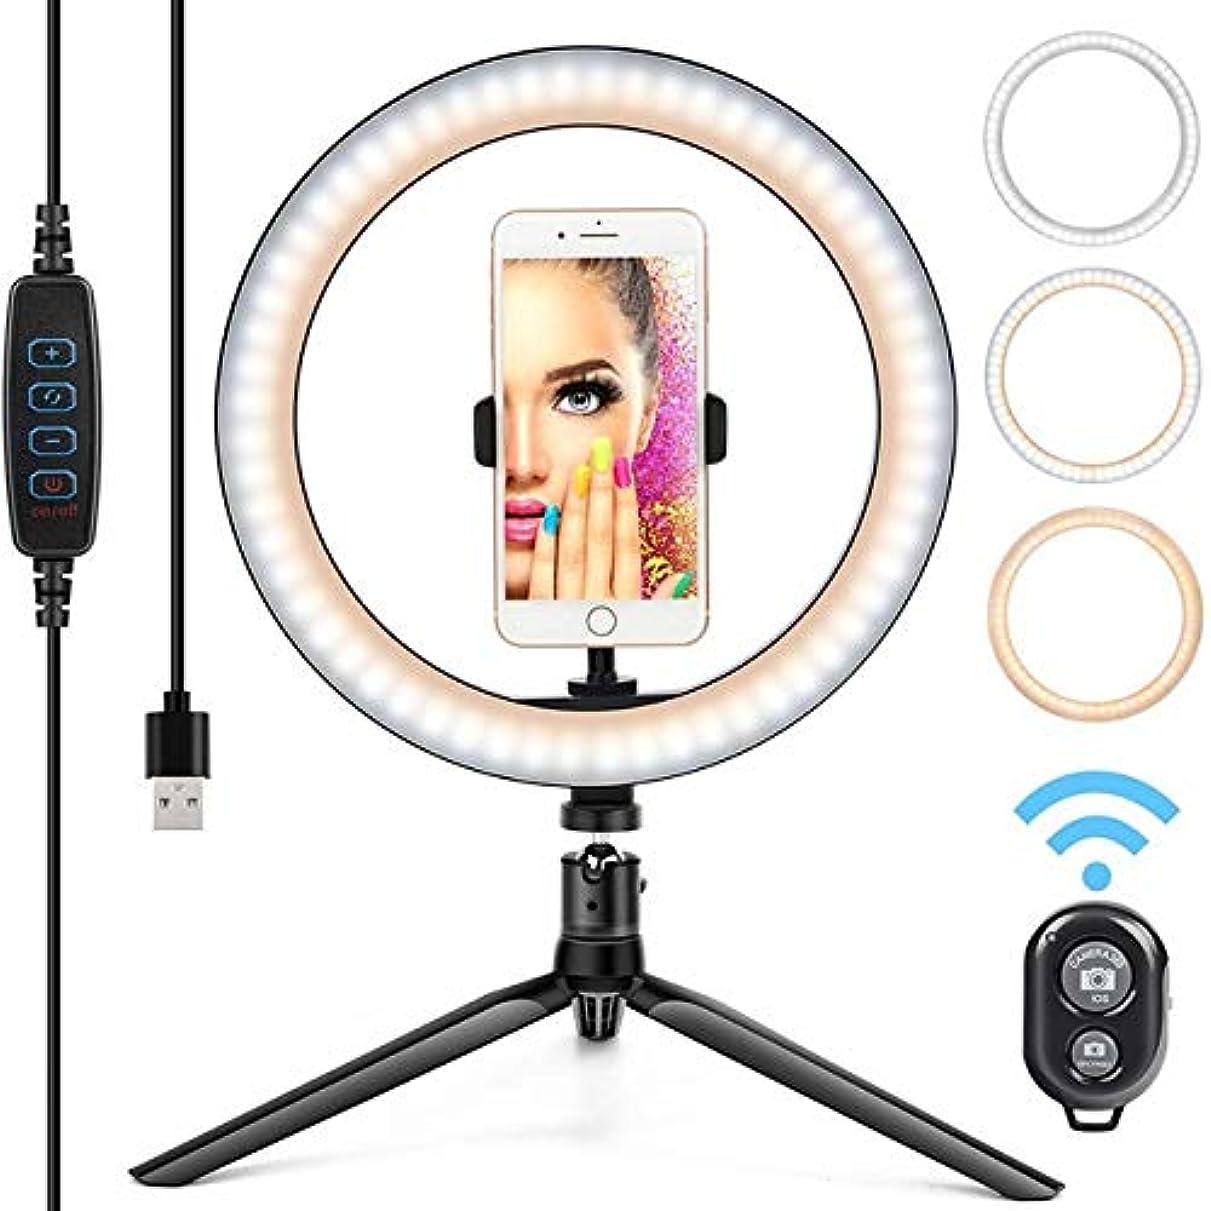 までレザー苦味MIYCV LEDライト照明モードの3種類の三脚スタンド10インチ自分撮り電話リングライト (Color : Style 1)